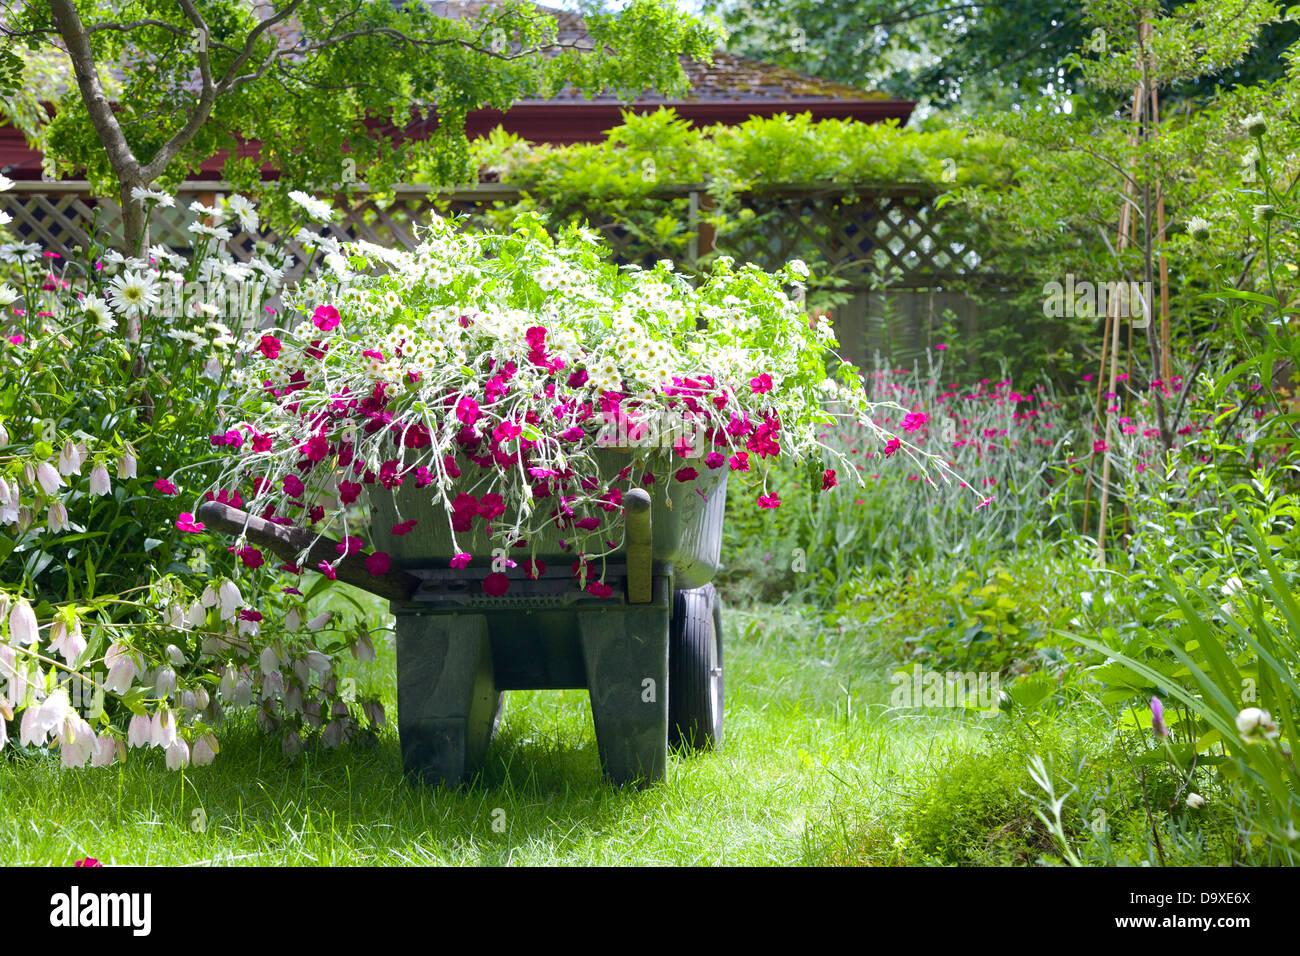 Carretilla de mano lleno de flores en el jardín Foto de stock